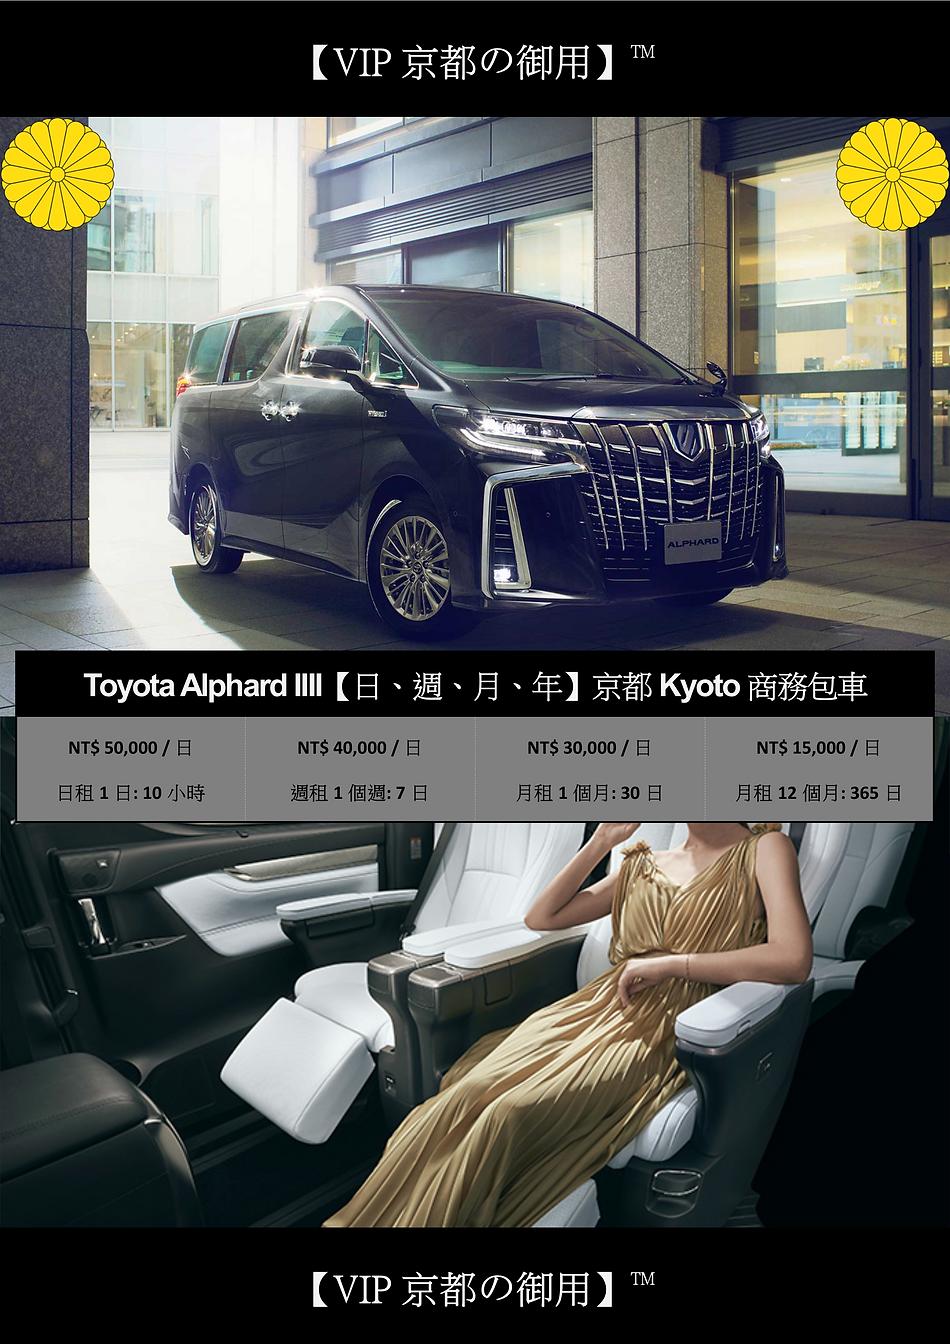 VIP京都の御用 TOYOTA ALPHARD IIII 商務包車